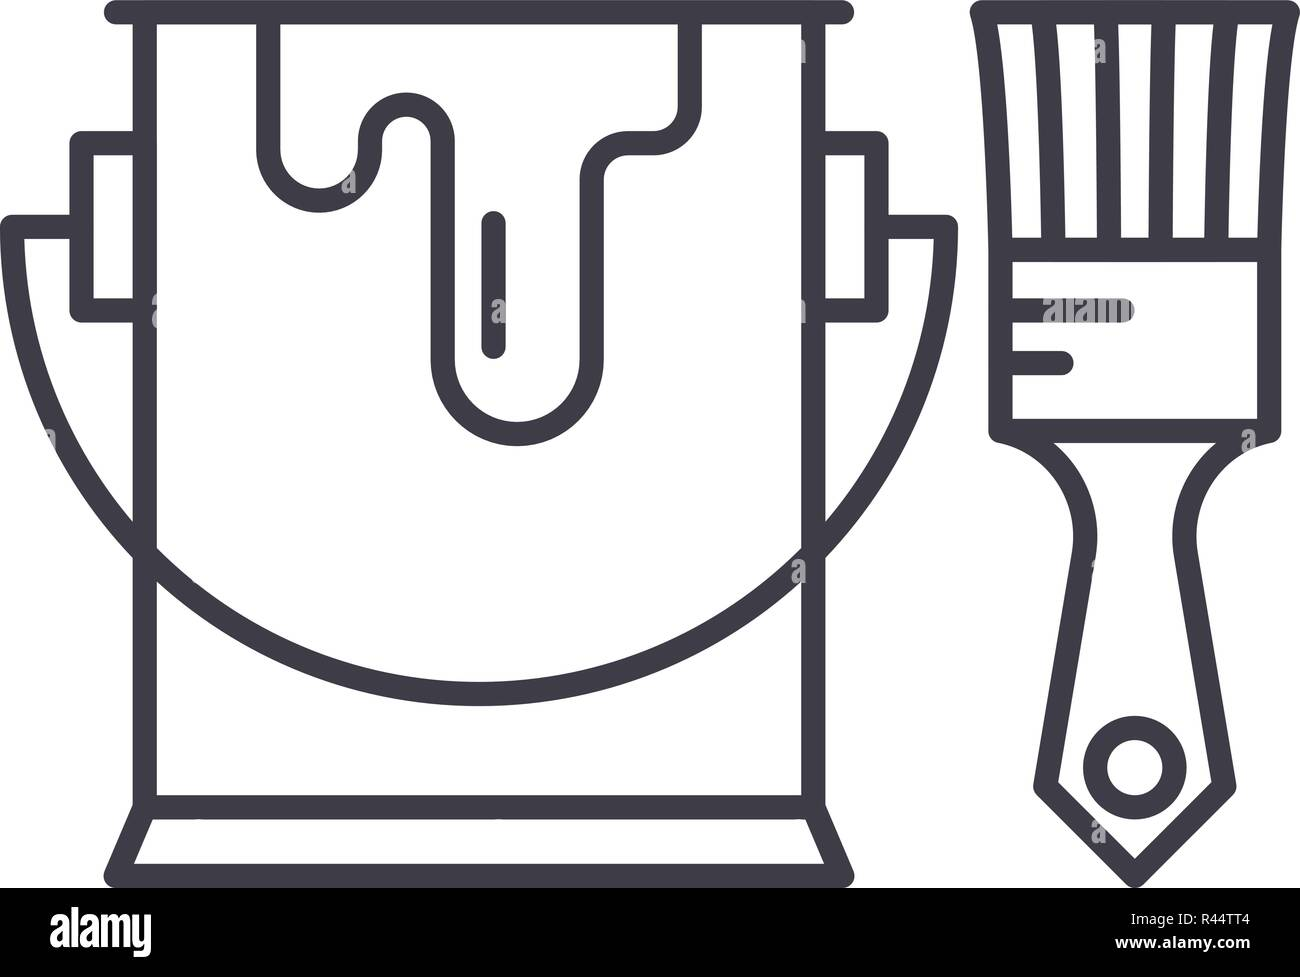 L Icone De La Ligne De Peinture De Concept Pinceau Peinture Et Illustration Lineaire Vectorielle Symbole D Un Signe Image Vectorielle Stock Alamy